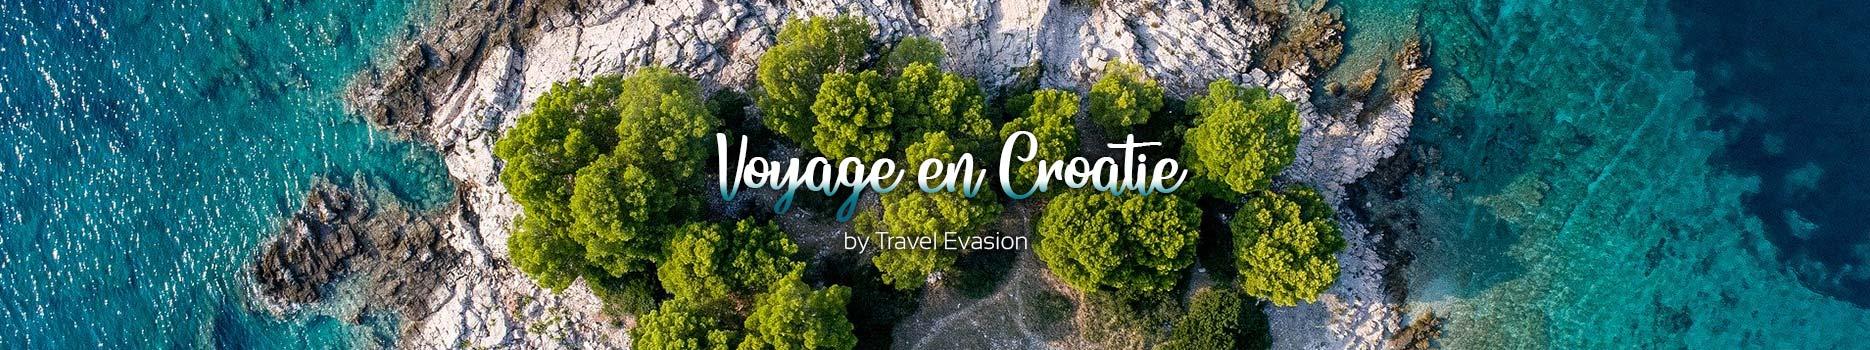 Voyage en Croatie, des vacances à Dubrovnik ou Split géniales.